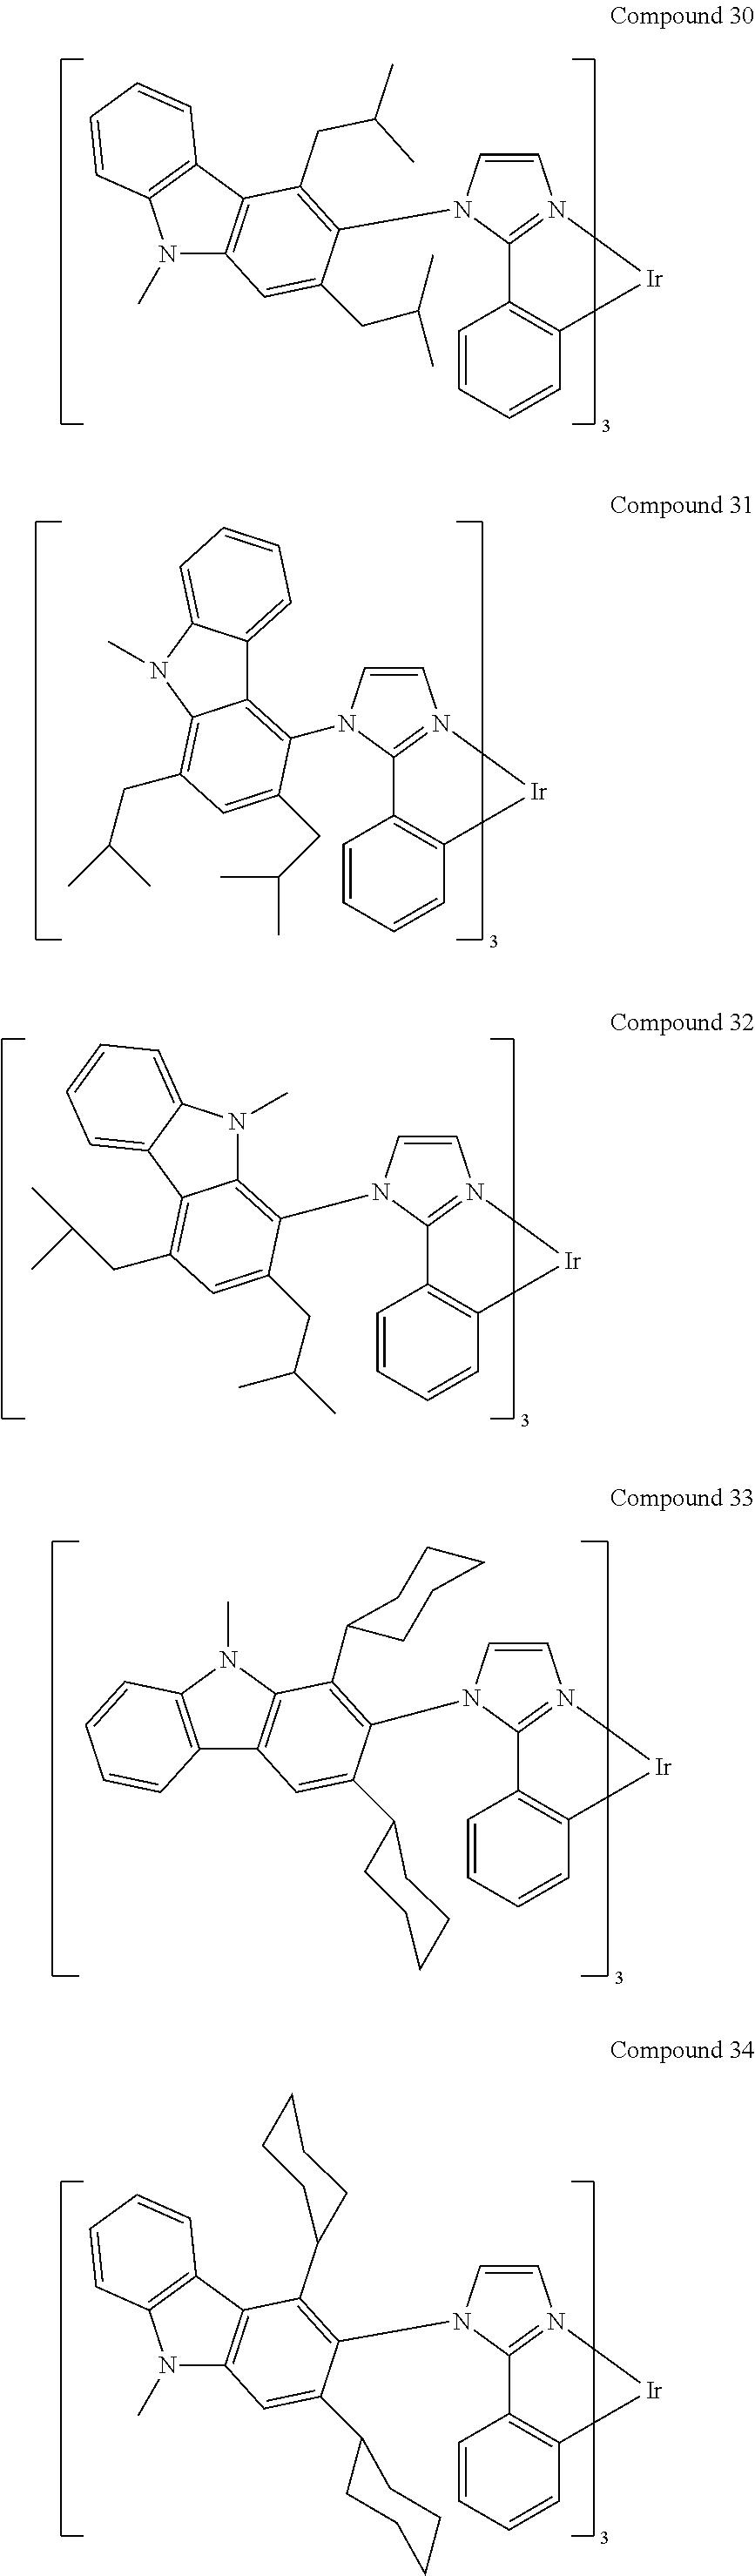 Figure US20110204333A1-20110825-C00274